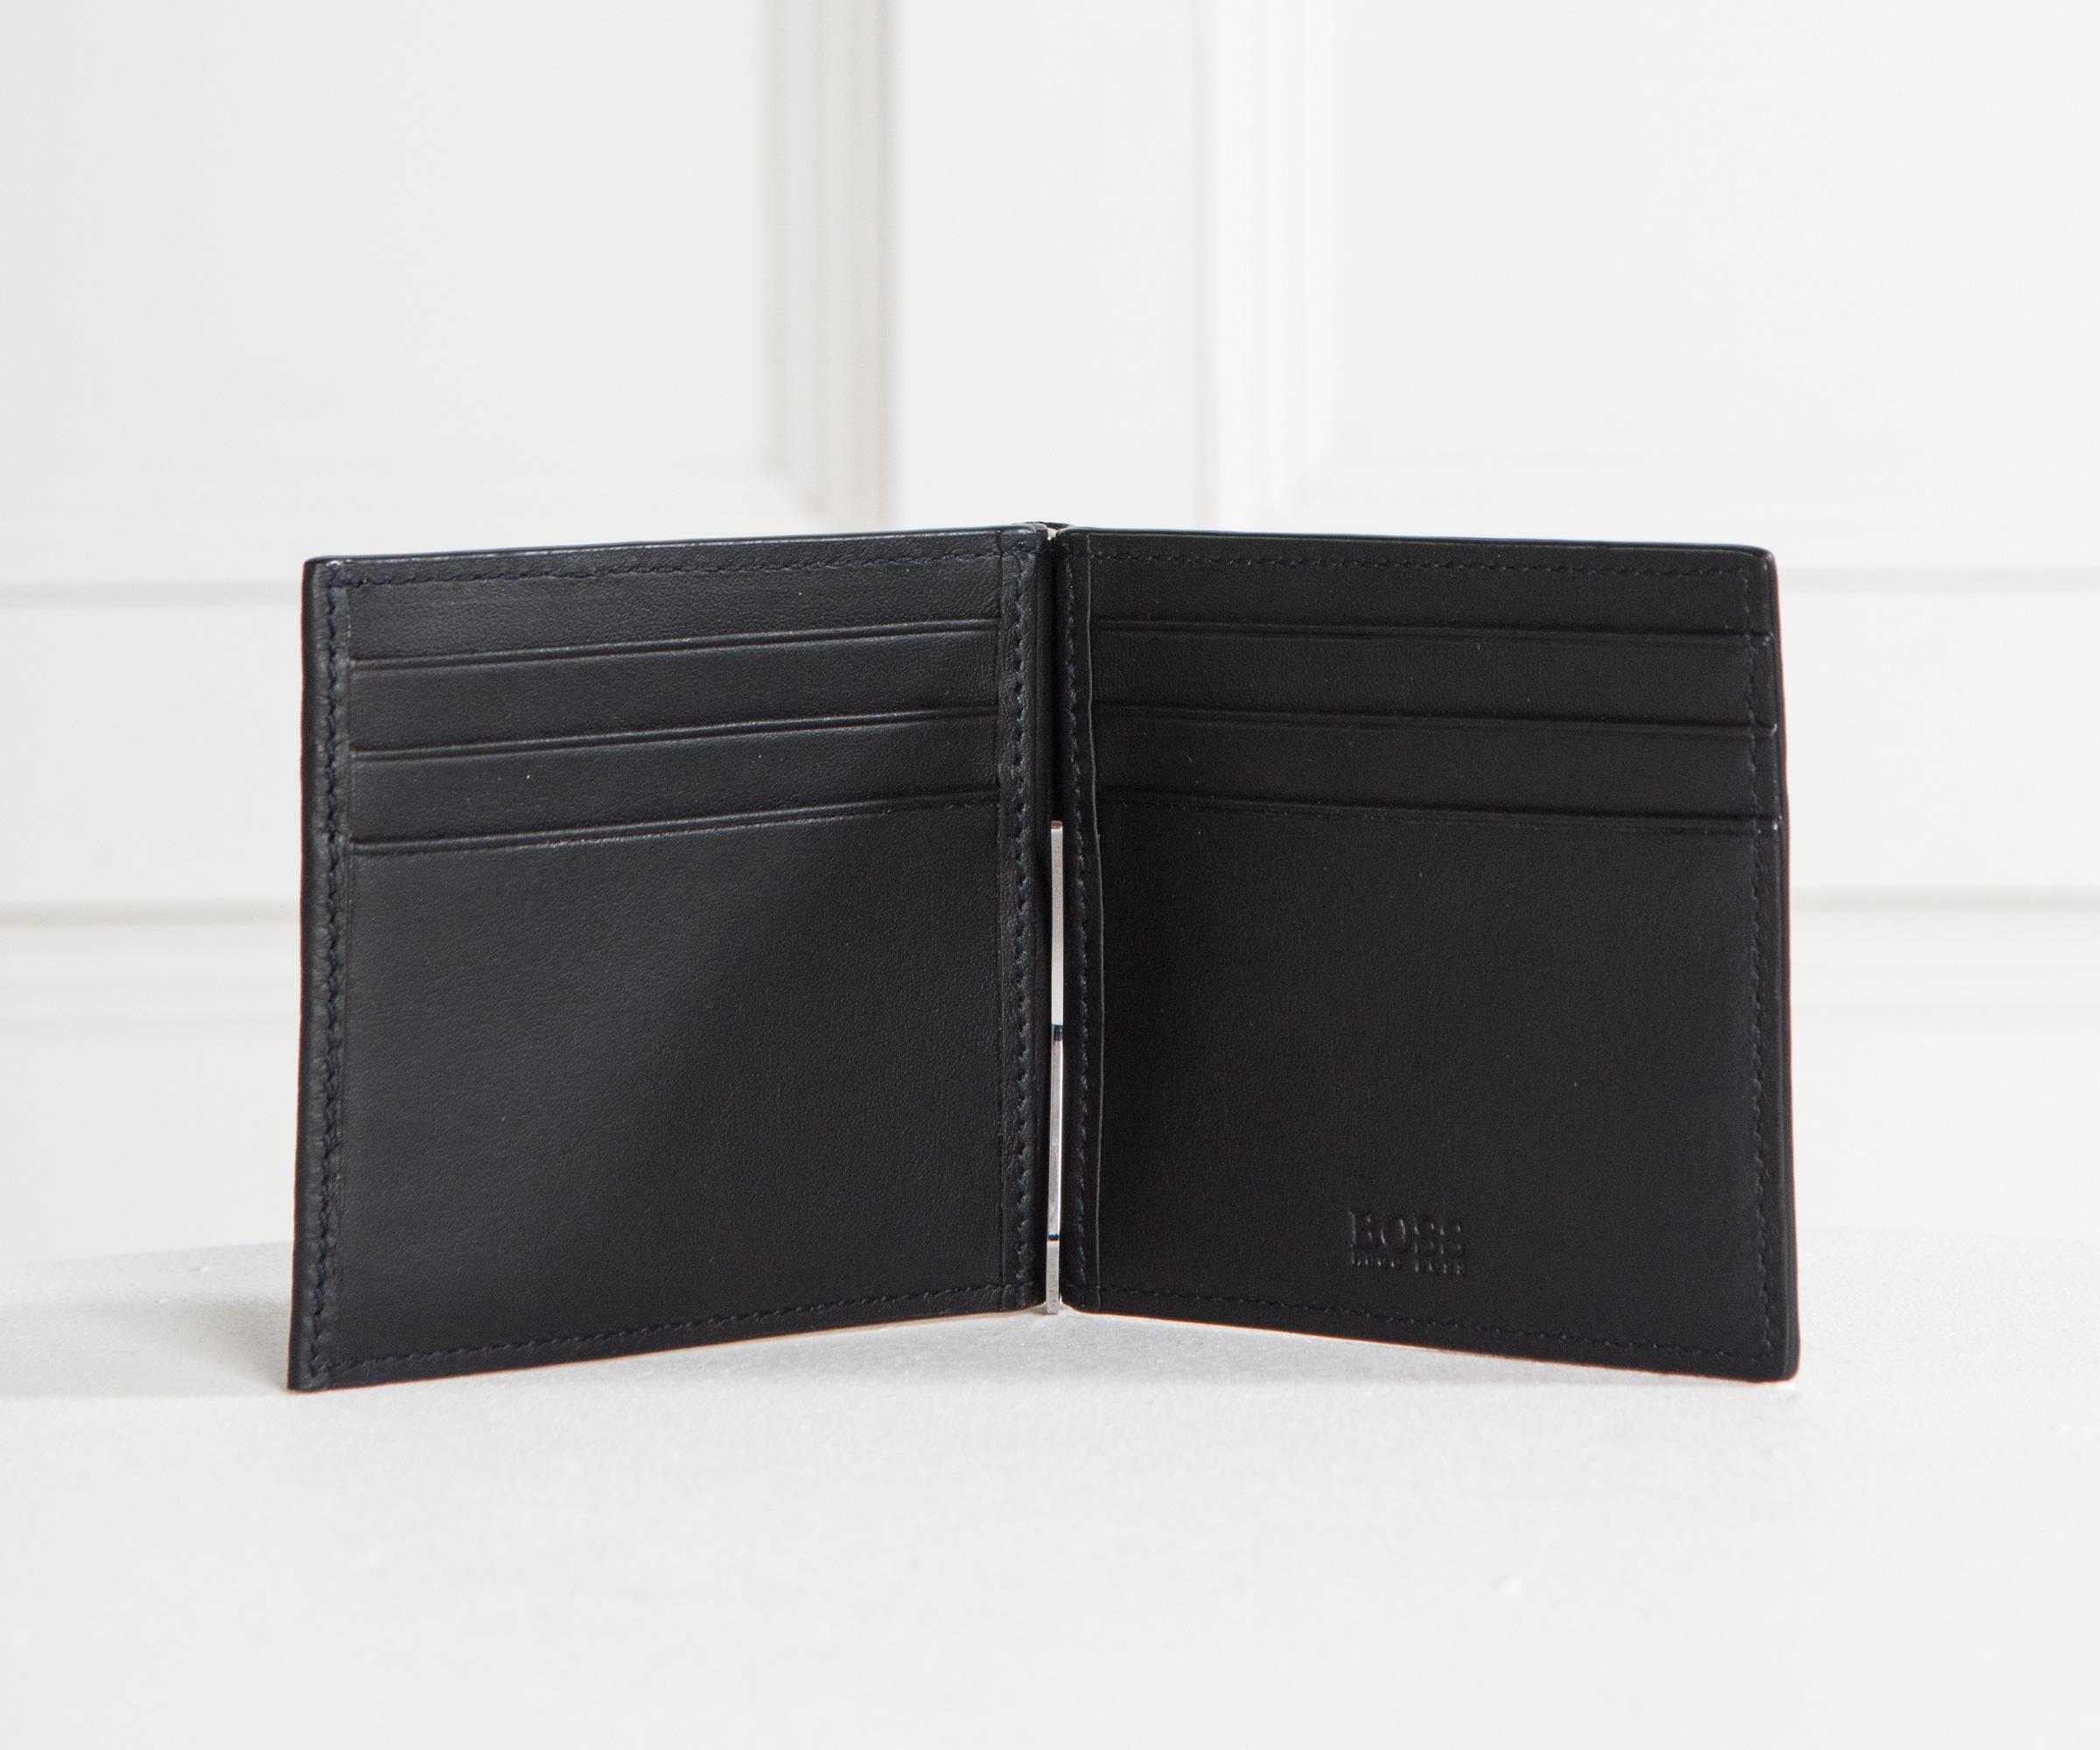 3eb051913afe BOSS 'traveller 6 Cc Clip' Money Clip Wallet Black in Black for Men ...